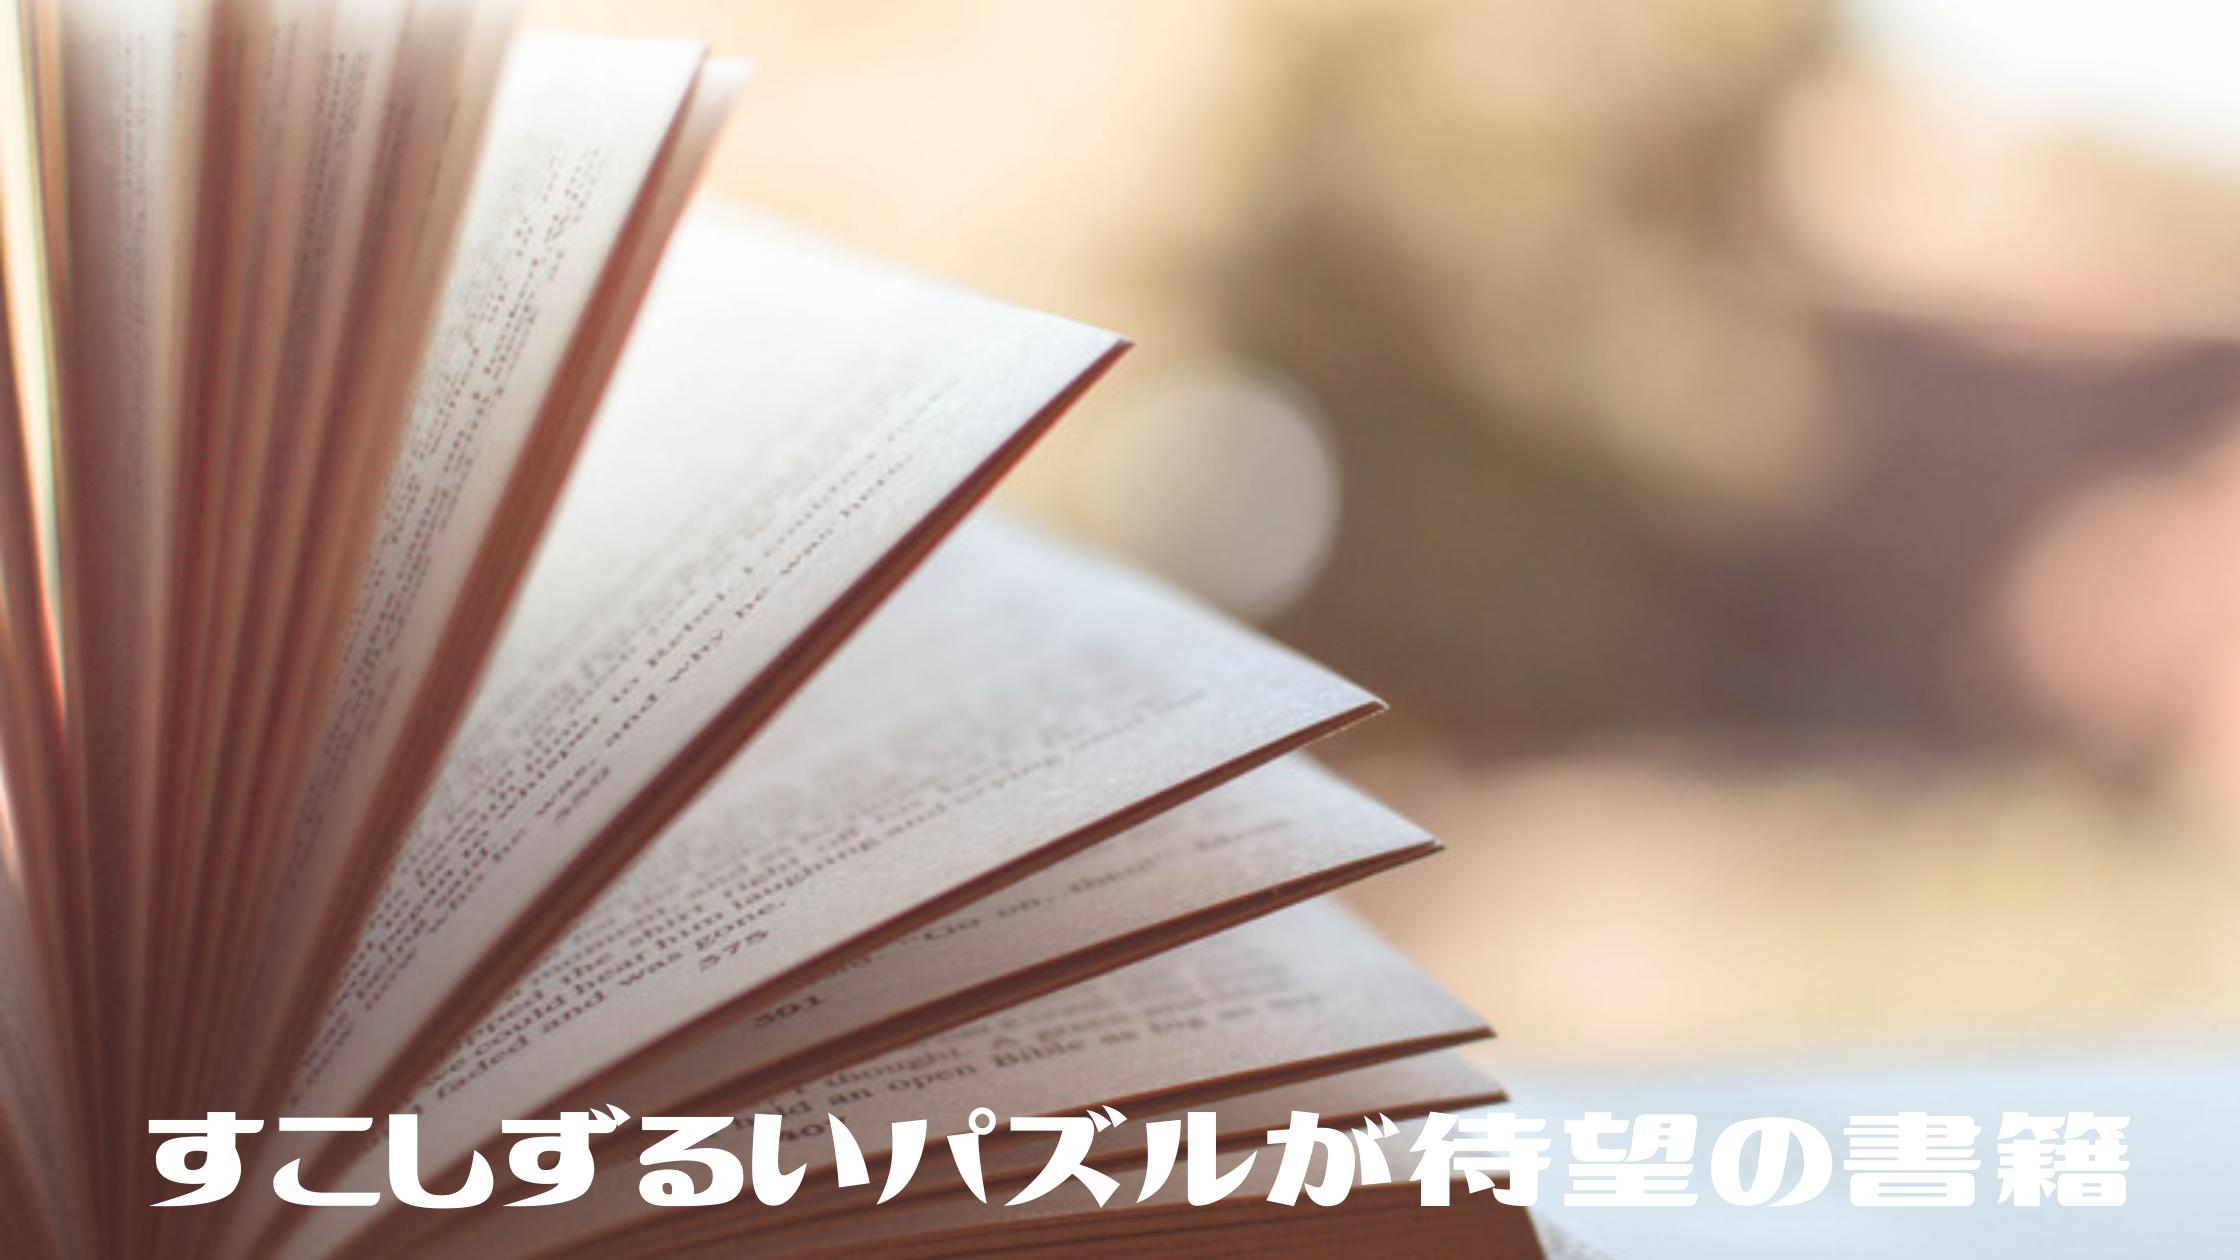 時間を忘れて盛り上がる謎解き最新コンテンツ【すこしずるいパズル】が待望の書籍化